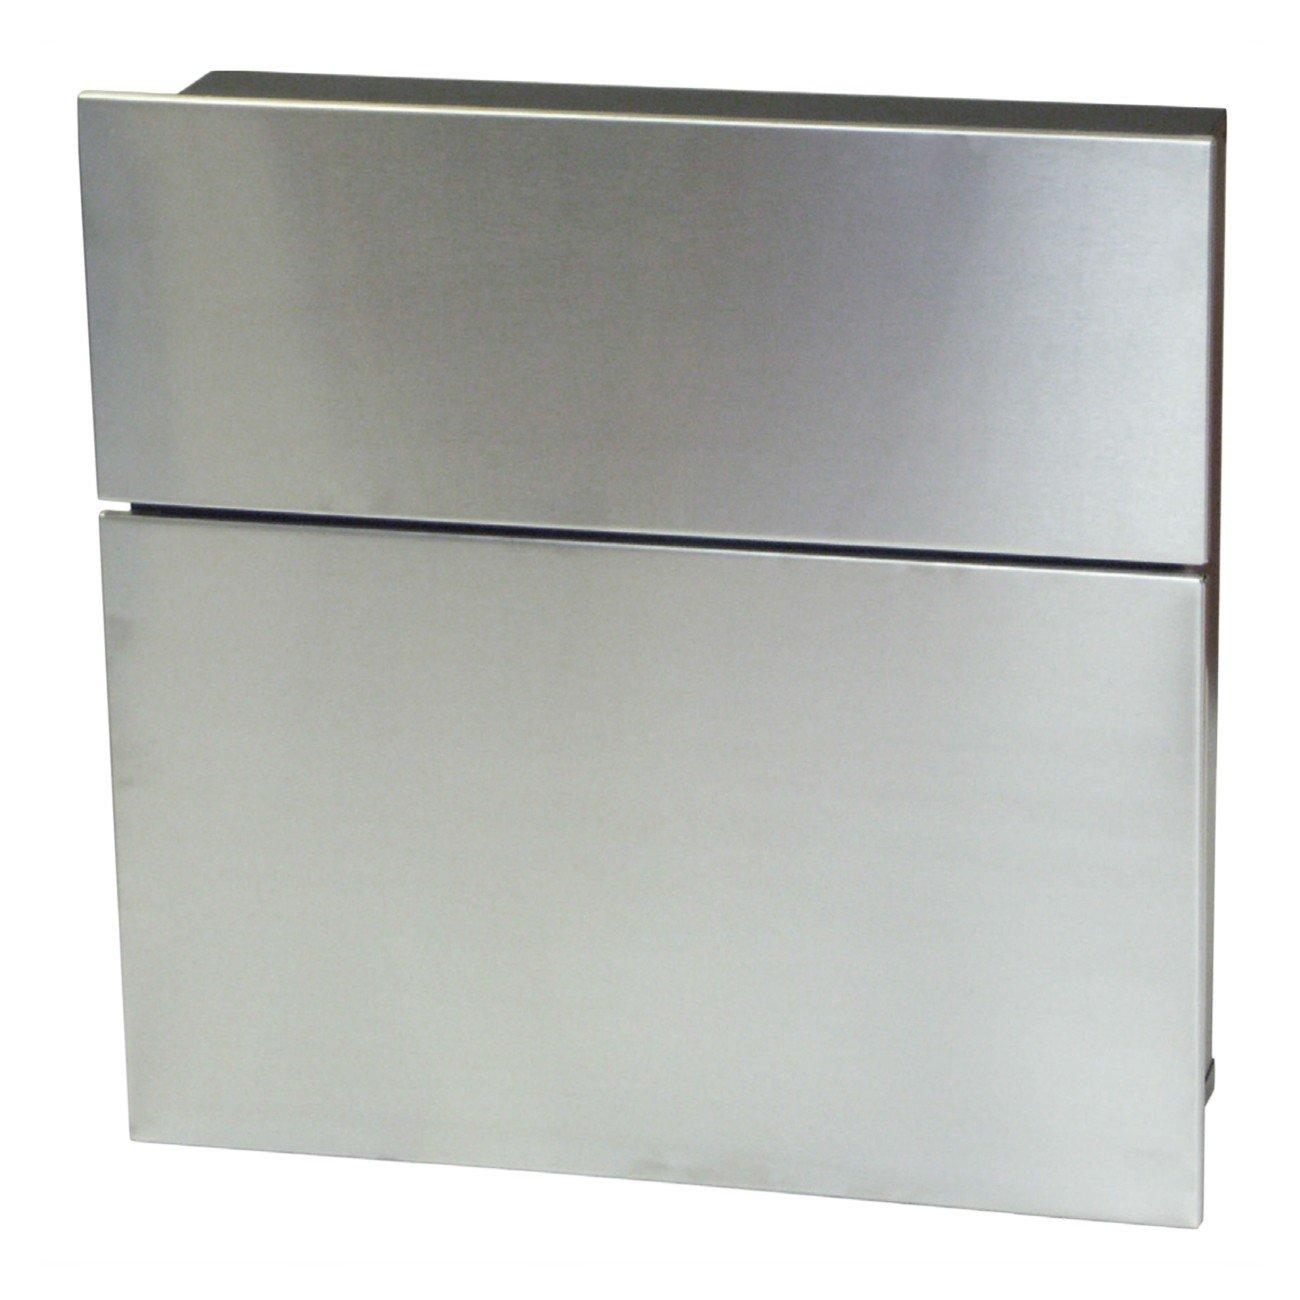 SafePost 122 Briefkasten schwarz mit Edelstahlfront 39,5 x 40 cm  BaumarktKundenbewertung und Beschreibung